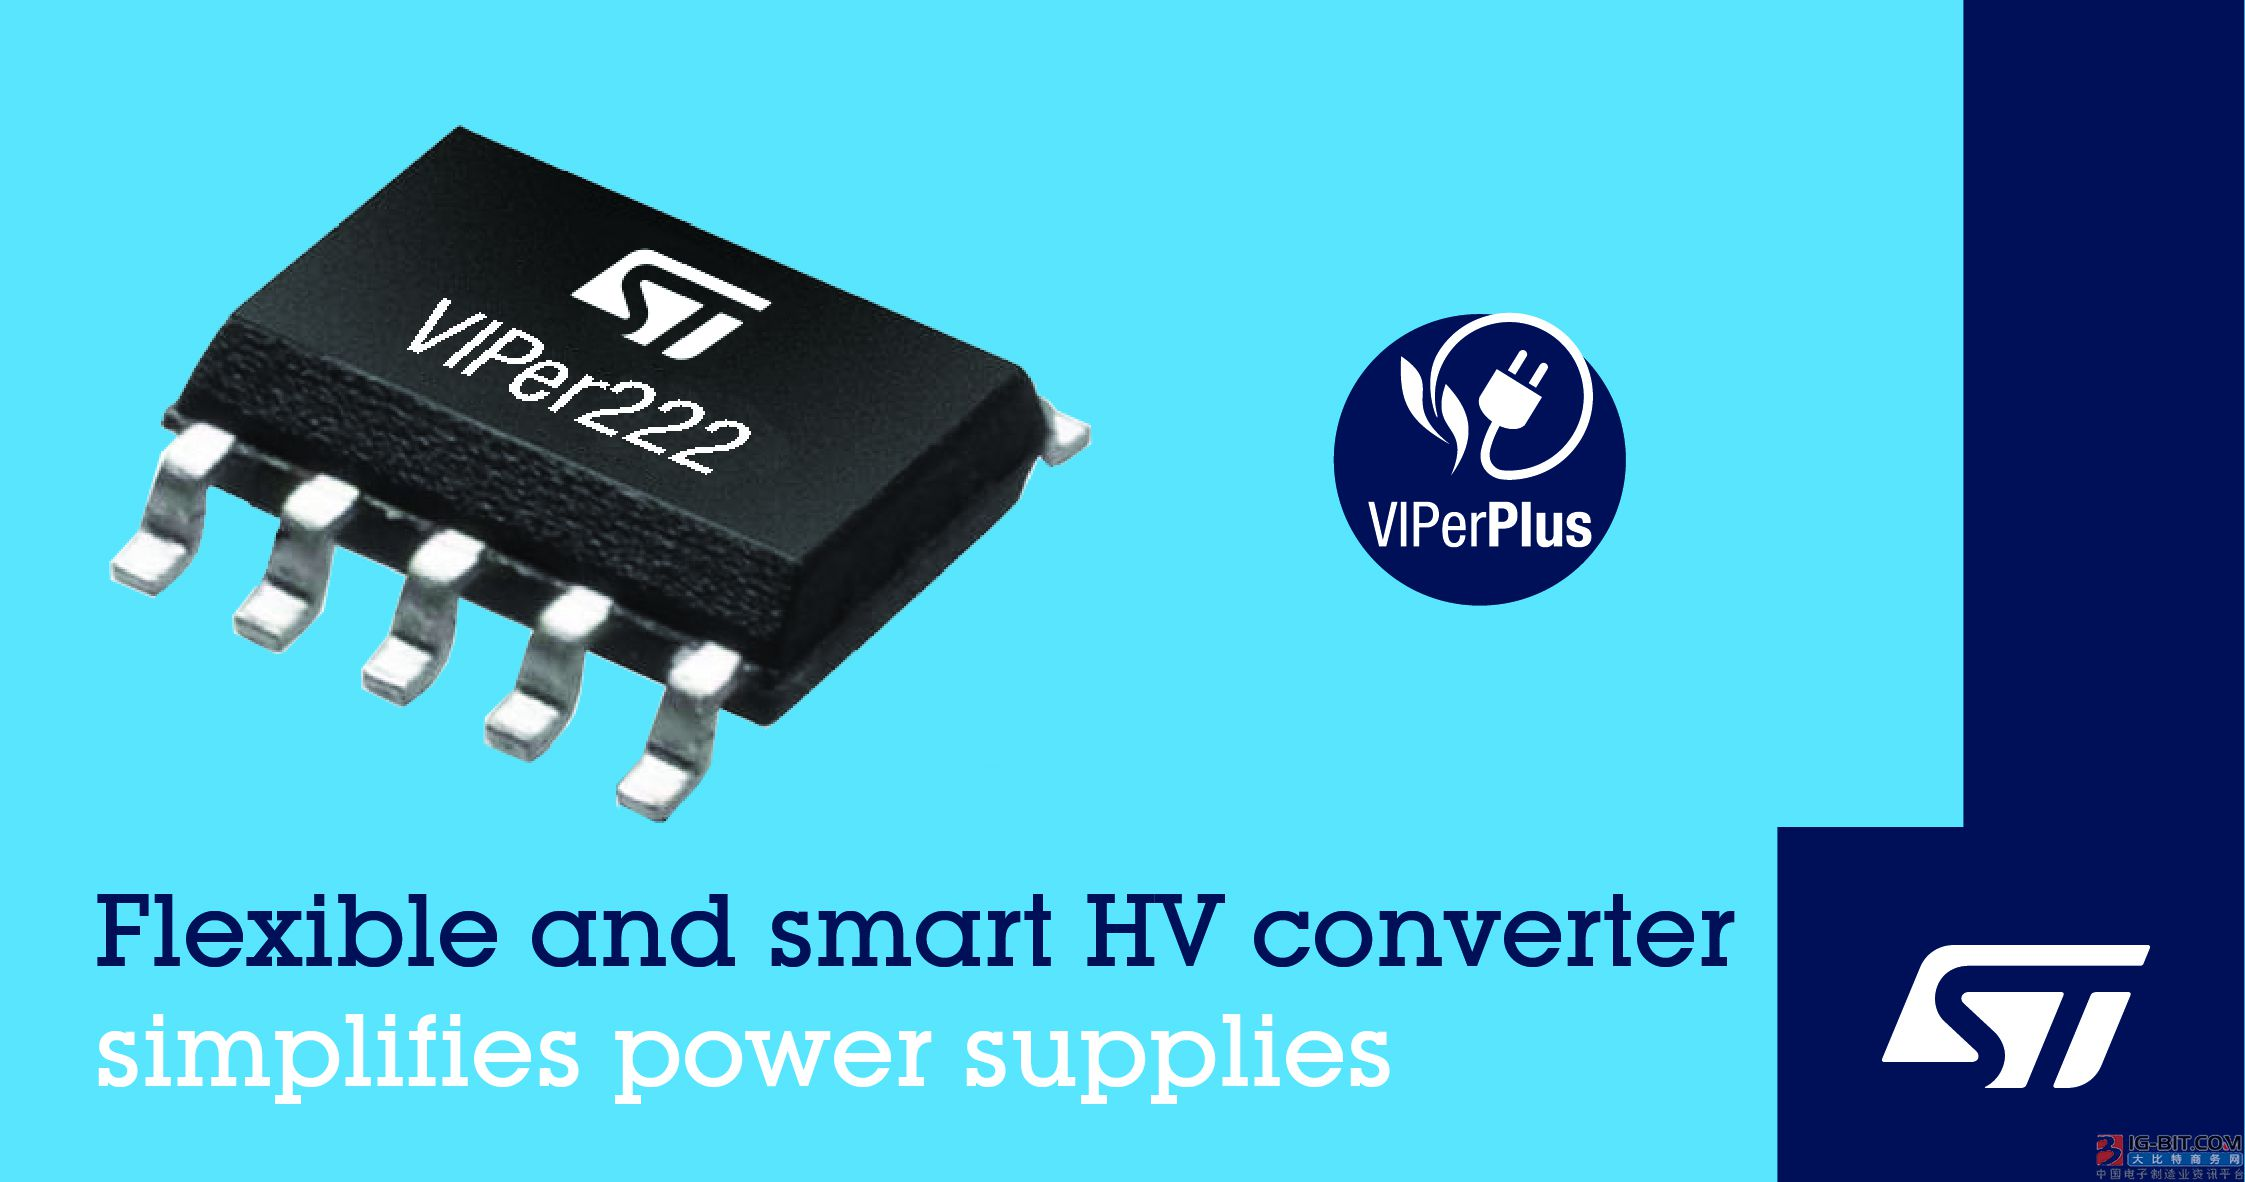 意法半导体推出灵活稳健的VIPer®控制器,简化智能设备电源设计